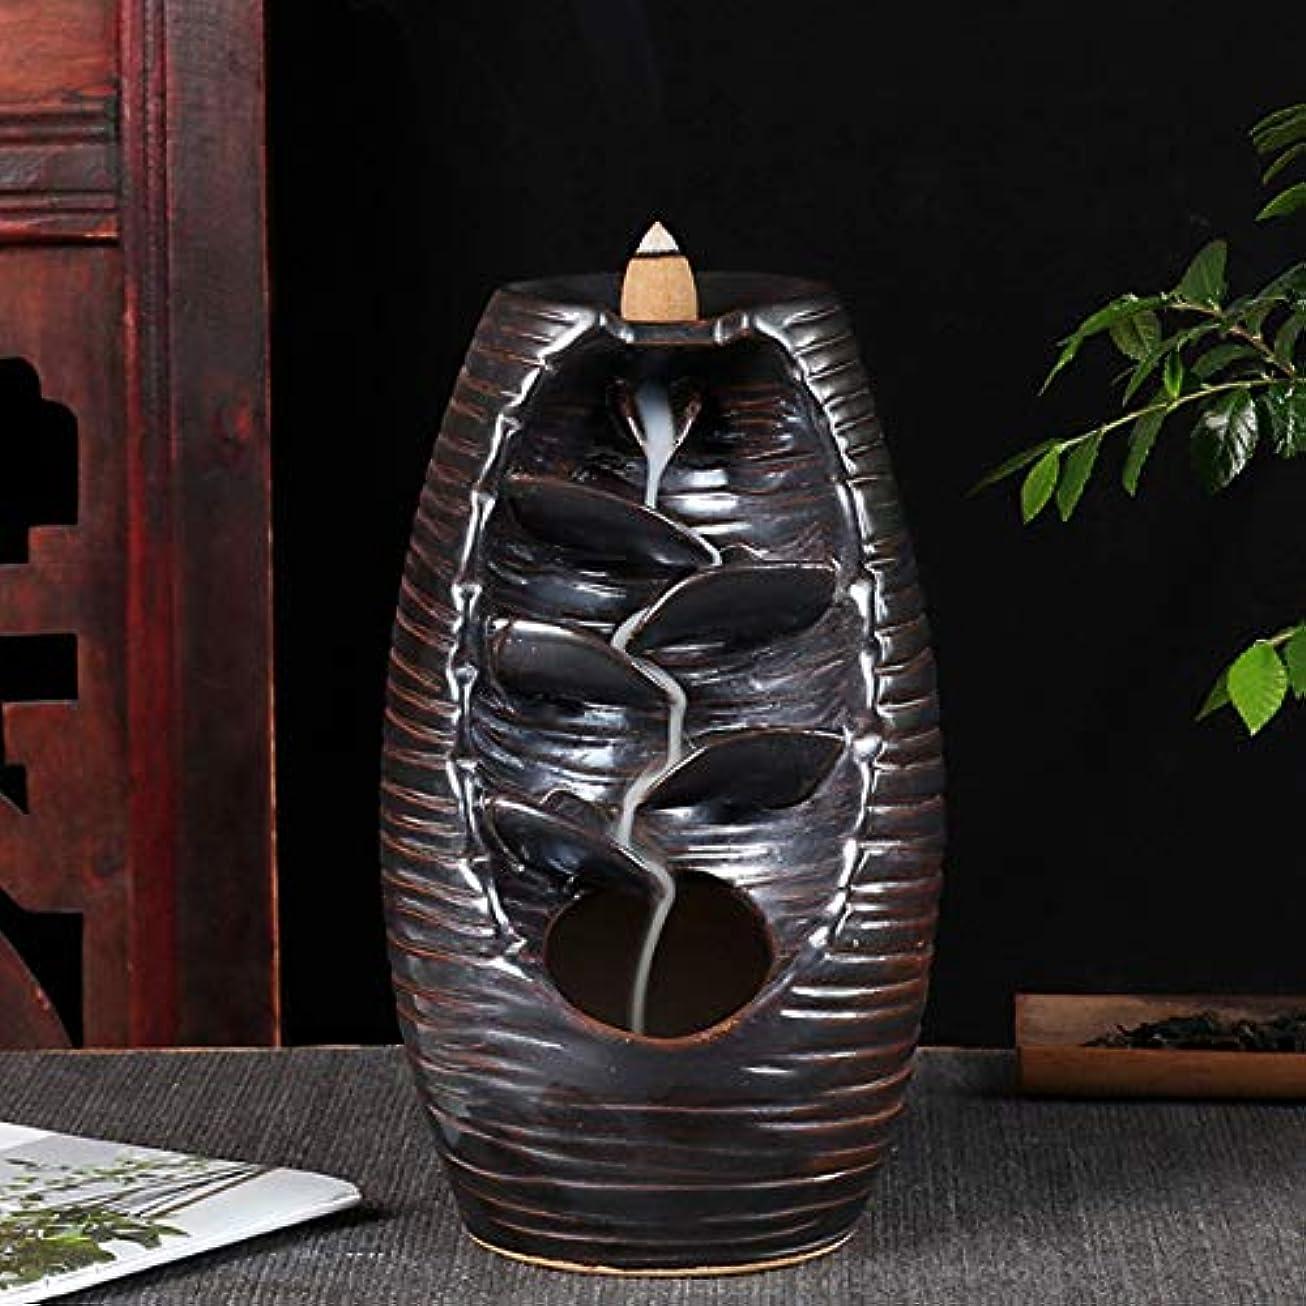 についてブラウン抑制Vosarea 逆流香バーナー滝香ホルダーアロマ飾り仏教用品(黒)